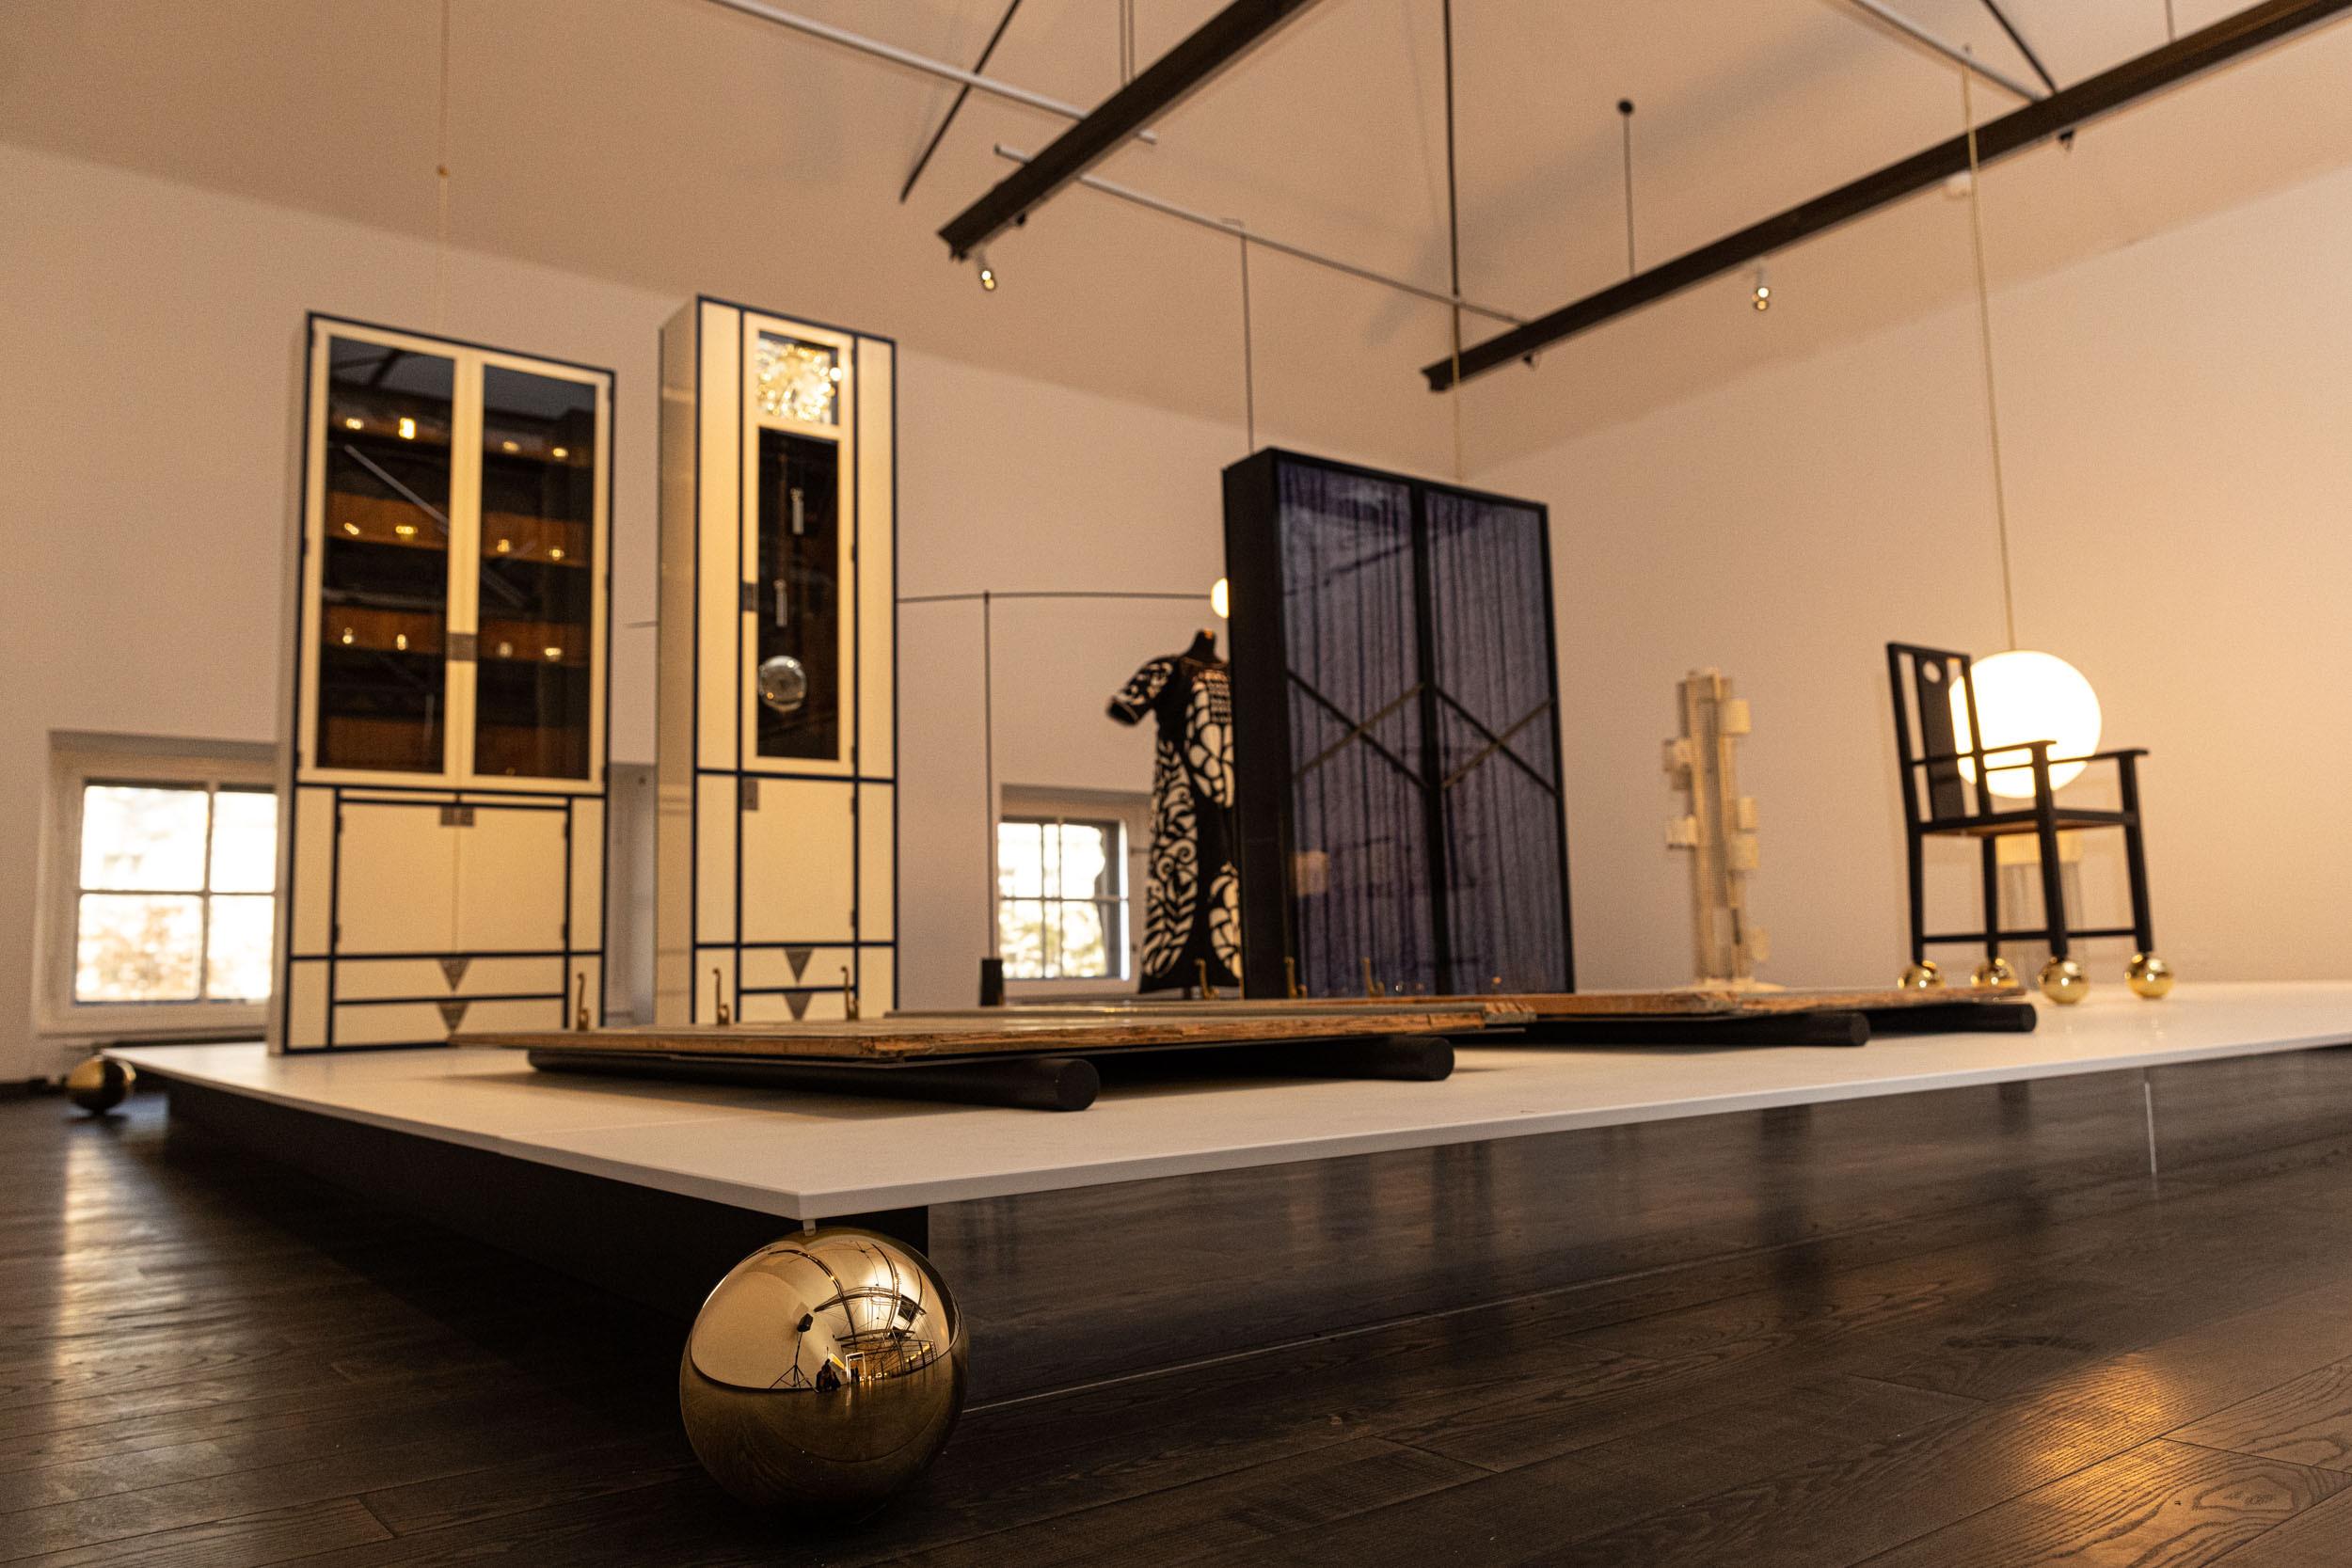 eSeL Foto: Showroom Wiener Werkstätte. Ein Dialog mit Michael Anastassiades (MAK, 6.10.2021 - 2.10.2022)